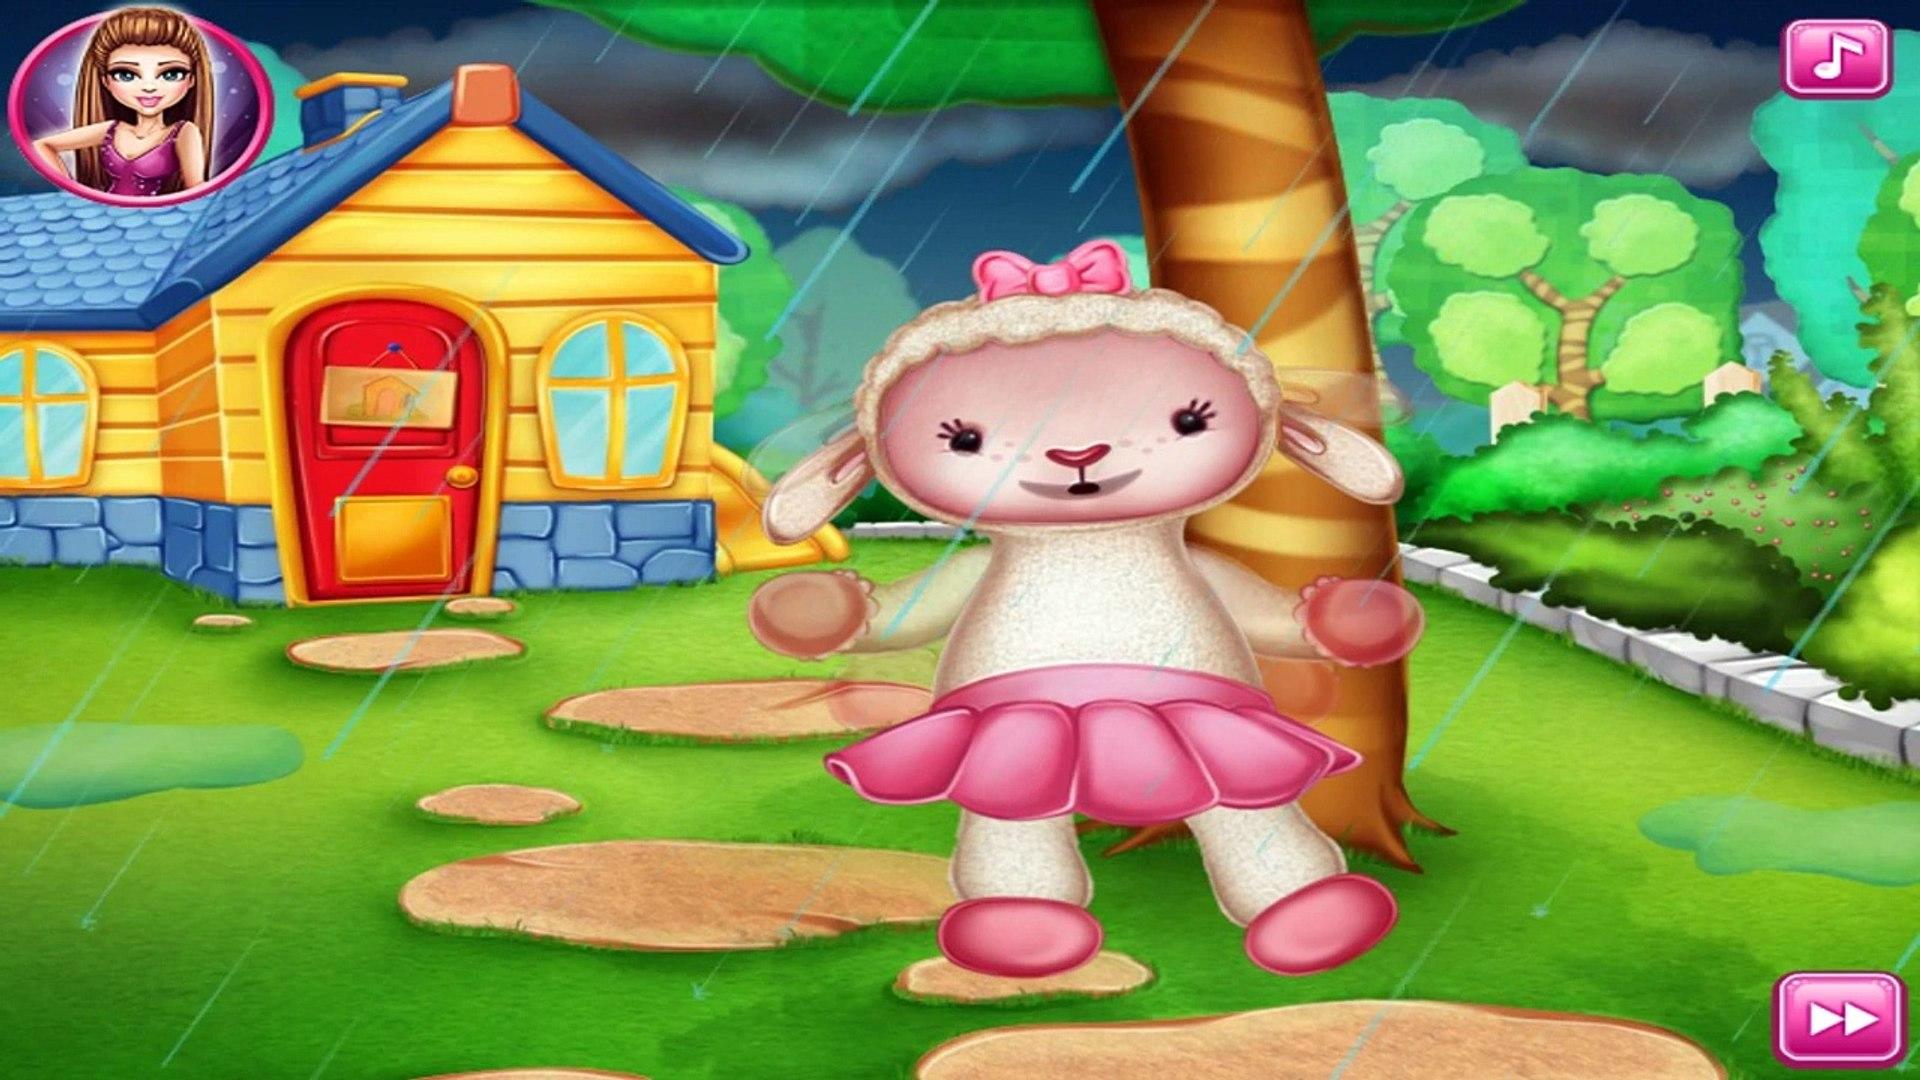 Баранина исцеления мультфильм доктор Плюшева игры доктор для детей